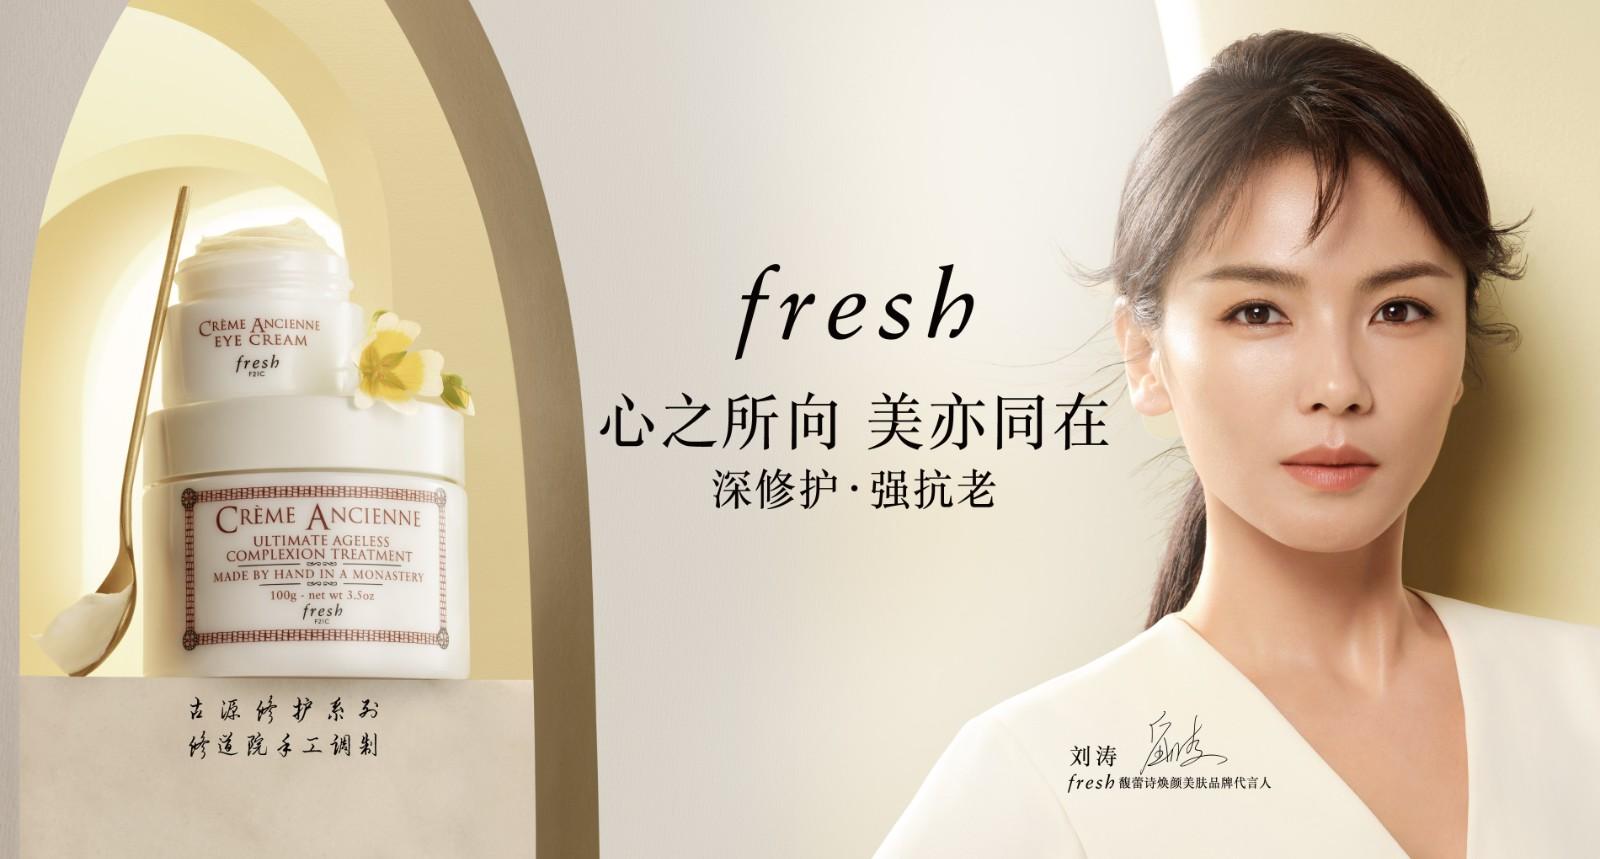 心之所向,美亦同在 全新fresh馥蕾诗焕颜美肤品牌代言人刘涛 演绎古源修护传奇 传递自然美肤力量